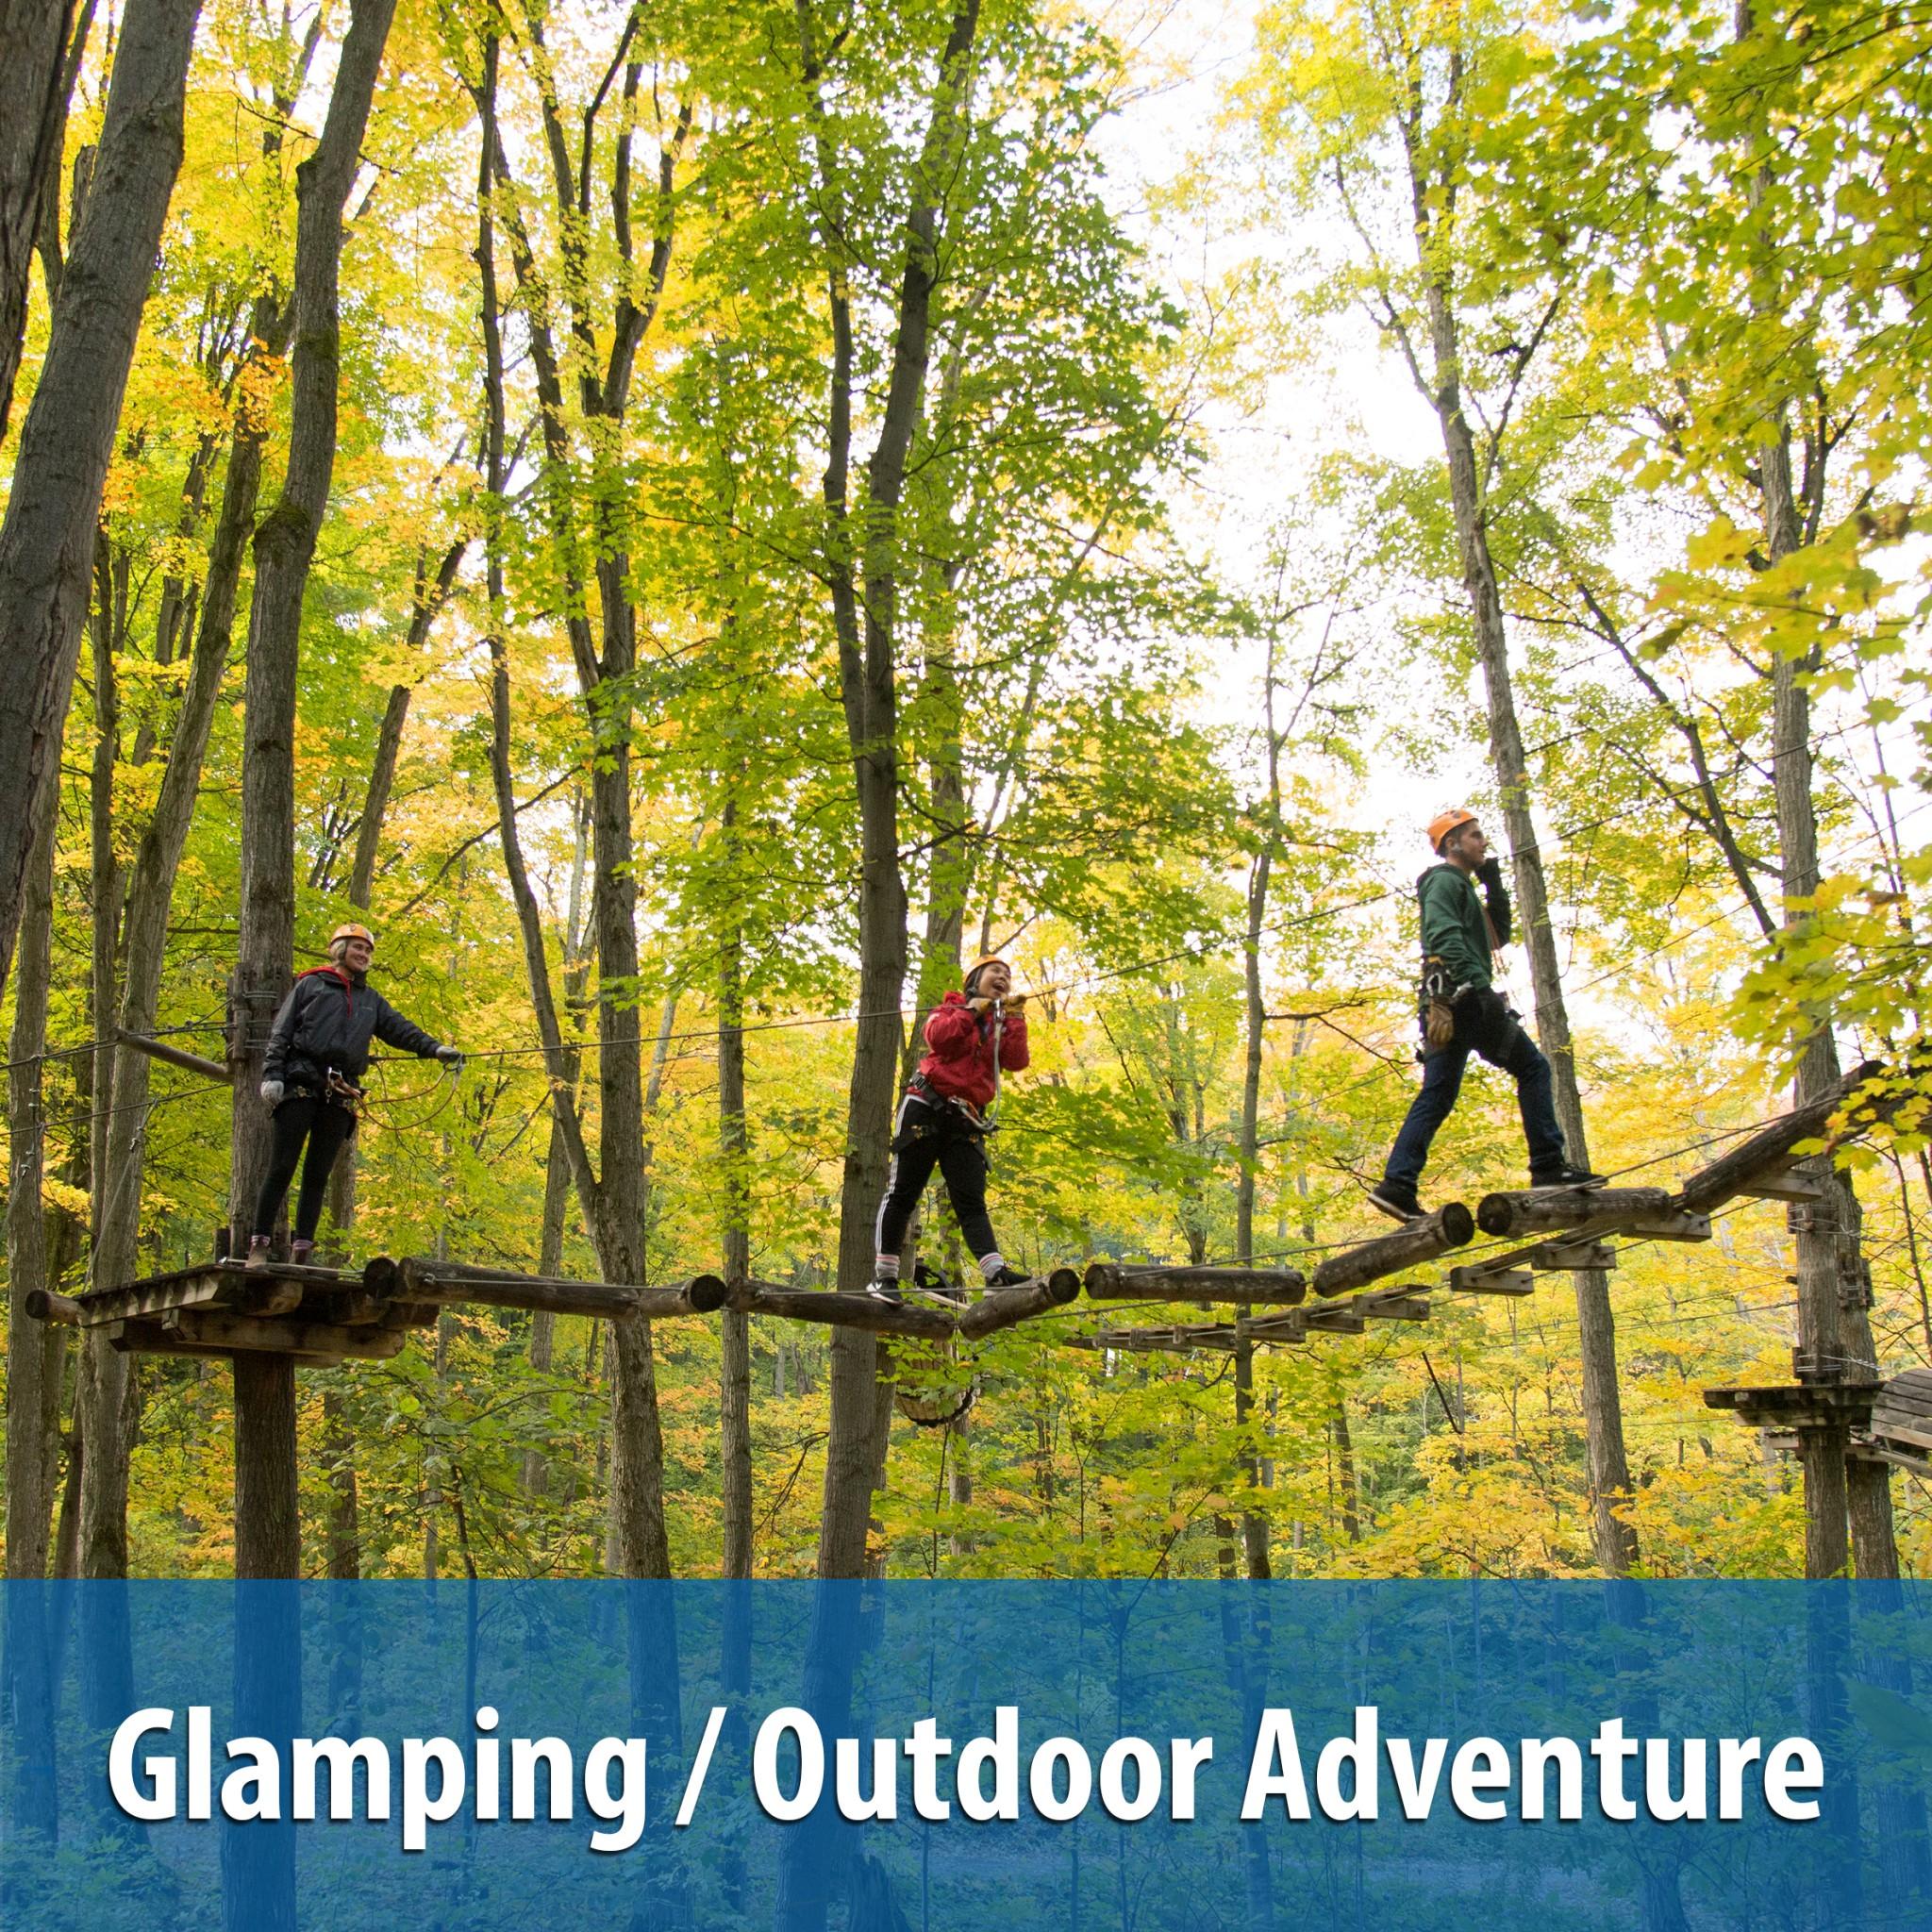 GlampingOutdoor Adventure Box - Invest